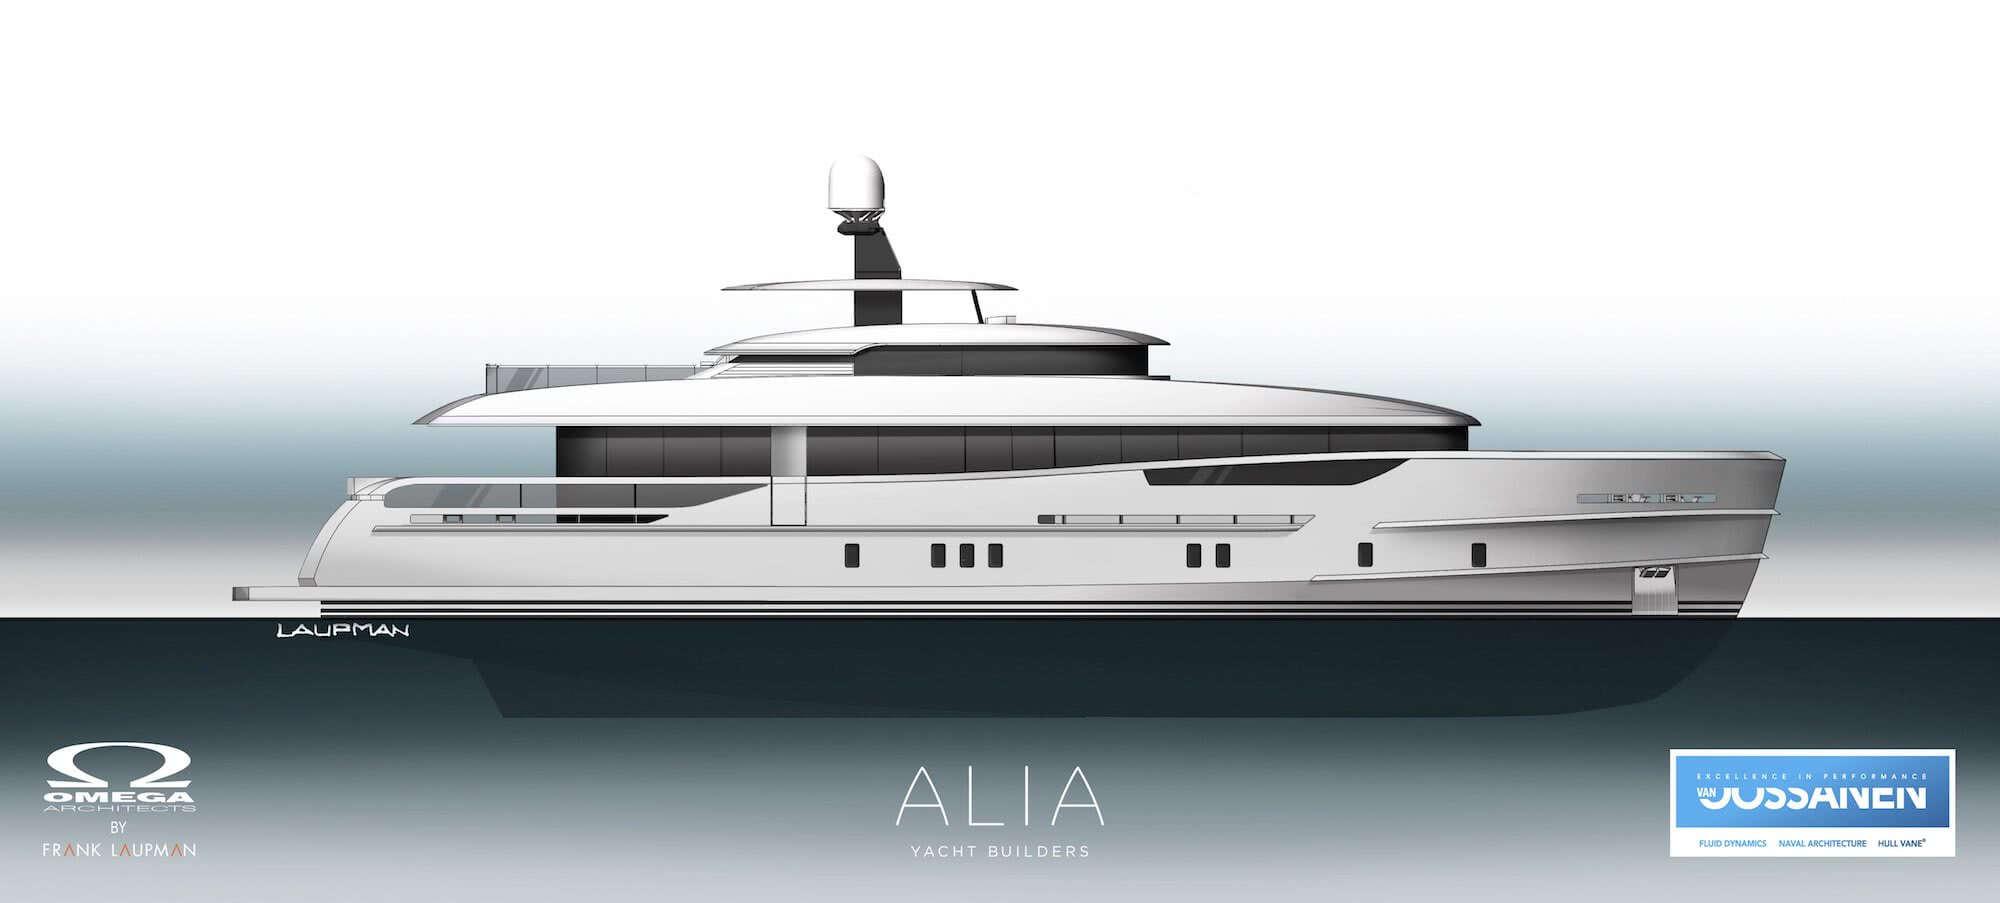 Nozomi II Alia Yachts